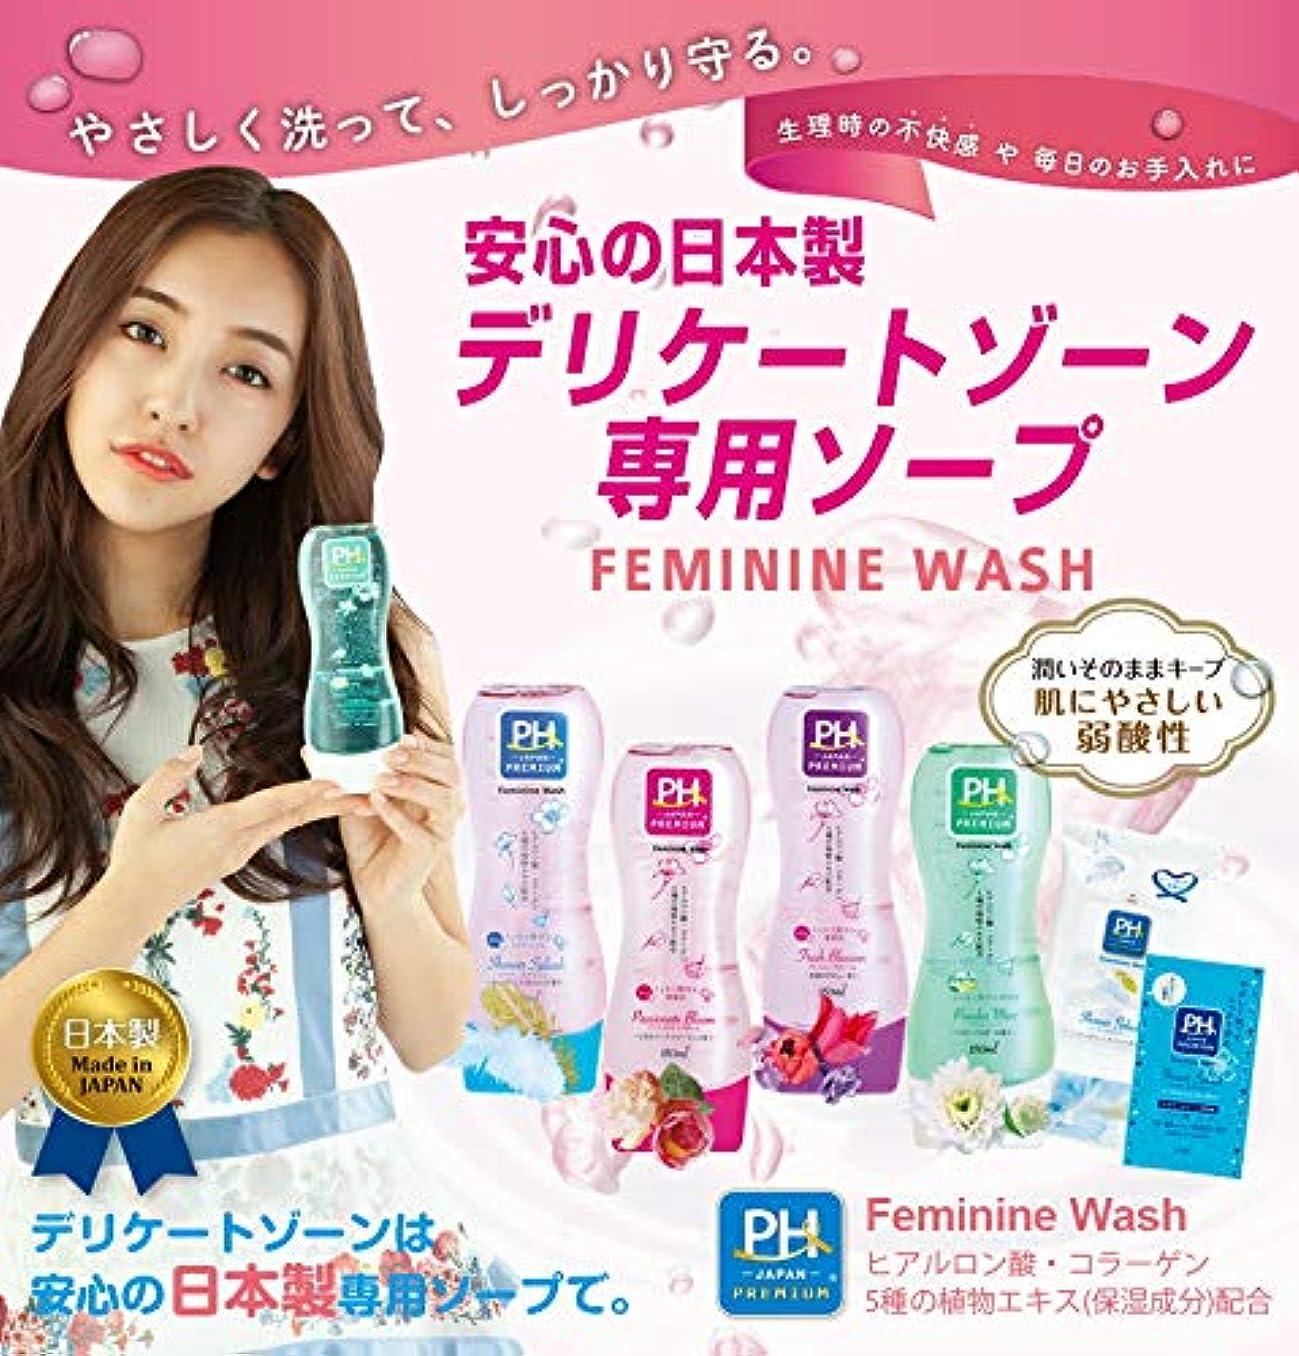 手数料かもめ第五PH JAPAN プレミアム フェミニンウォッシュ パッショネイトブルーム150ml上品なローズフローラルの香り 3本セット